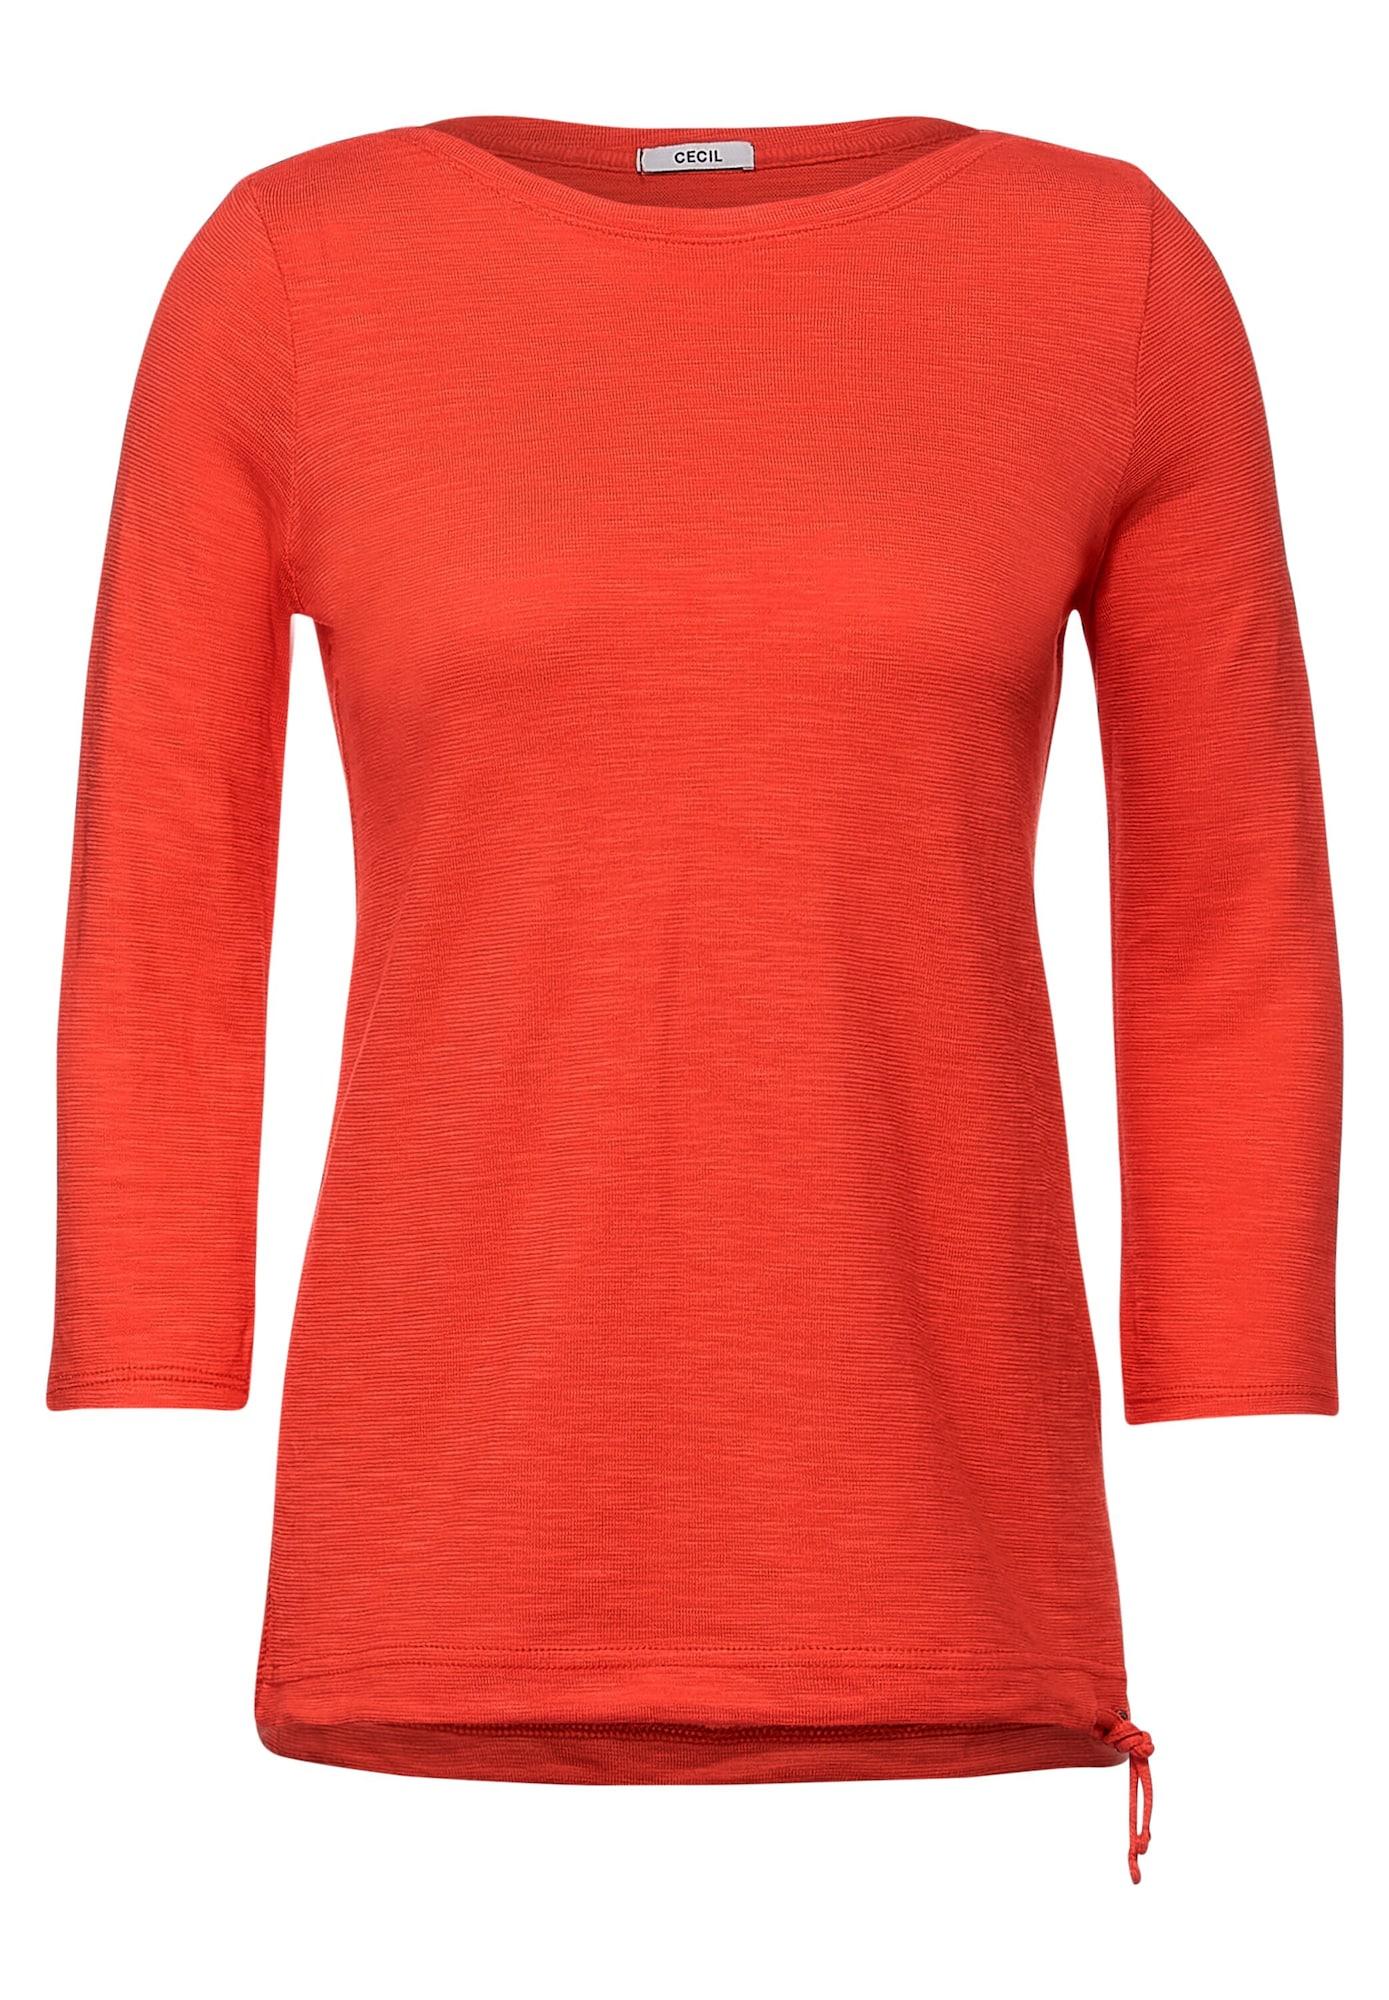 CECIL Marškinėliai oranžinė